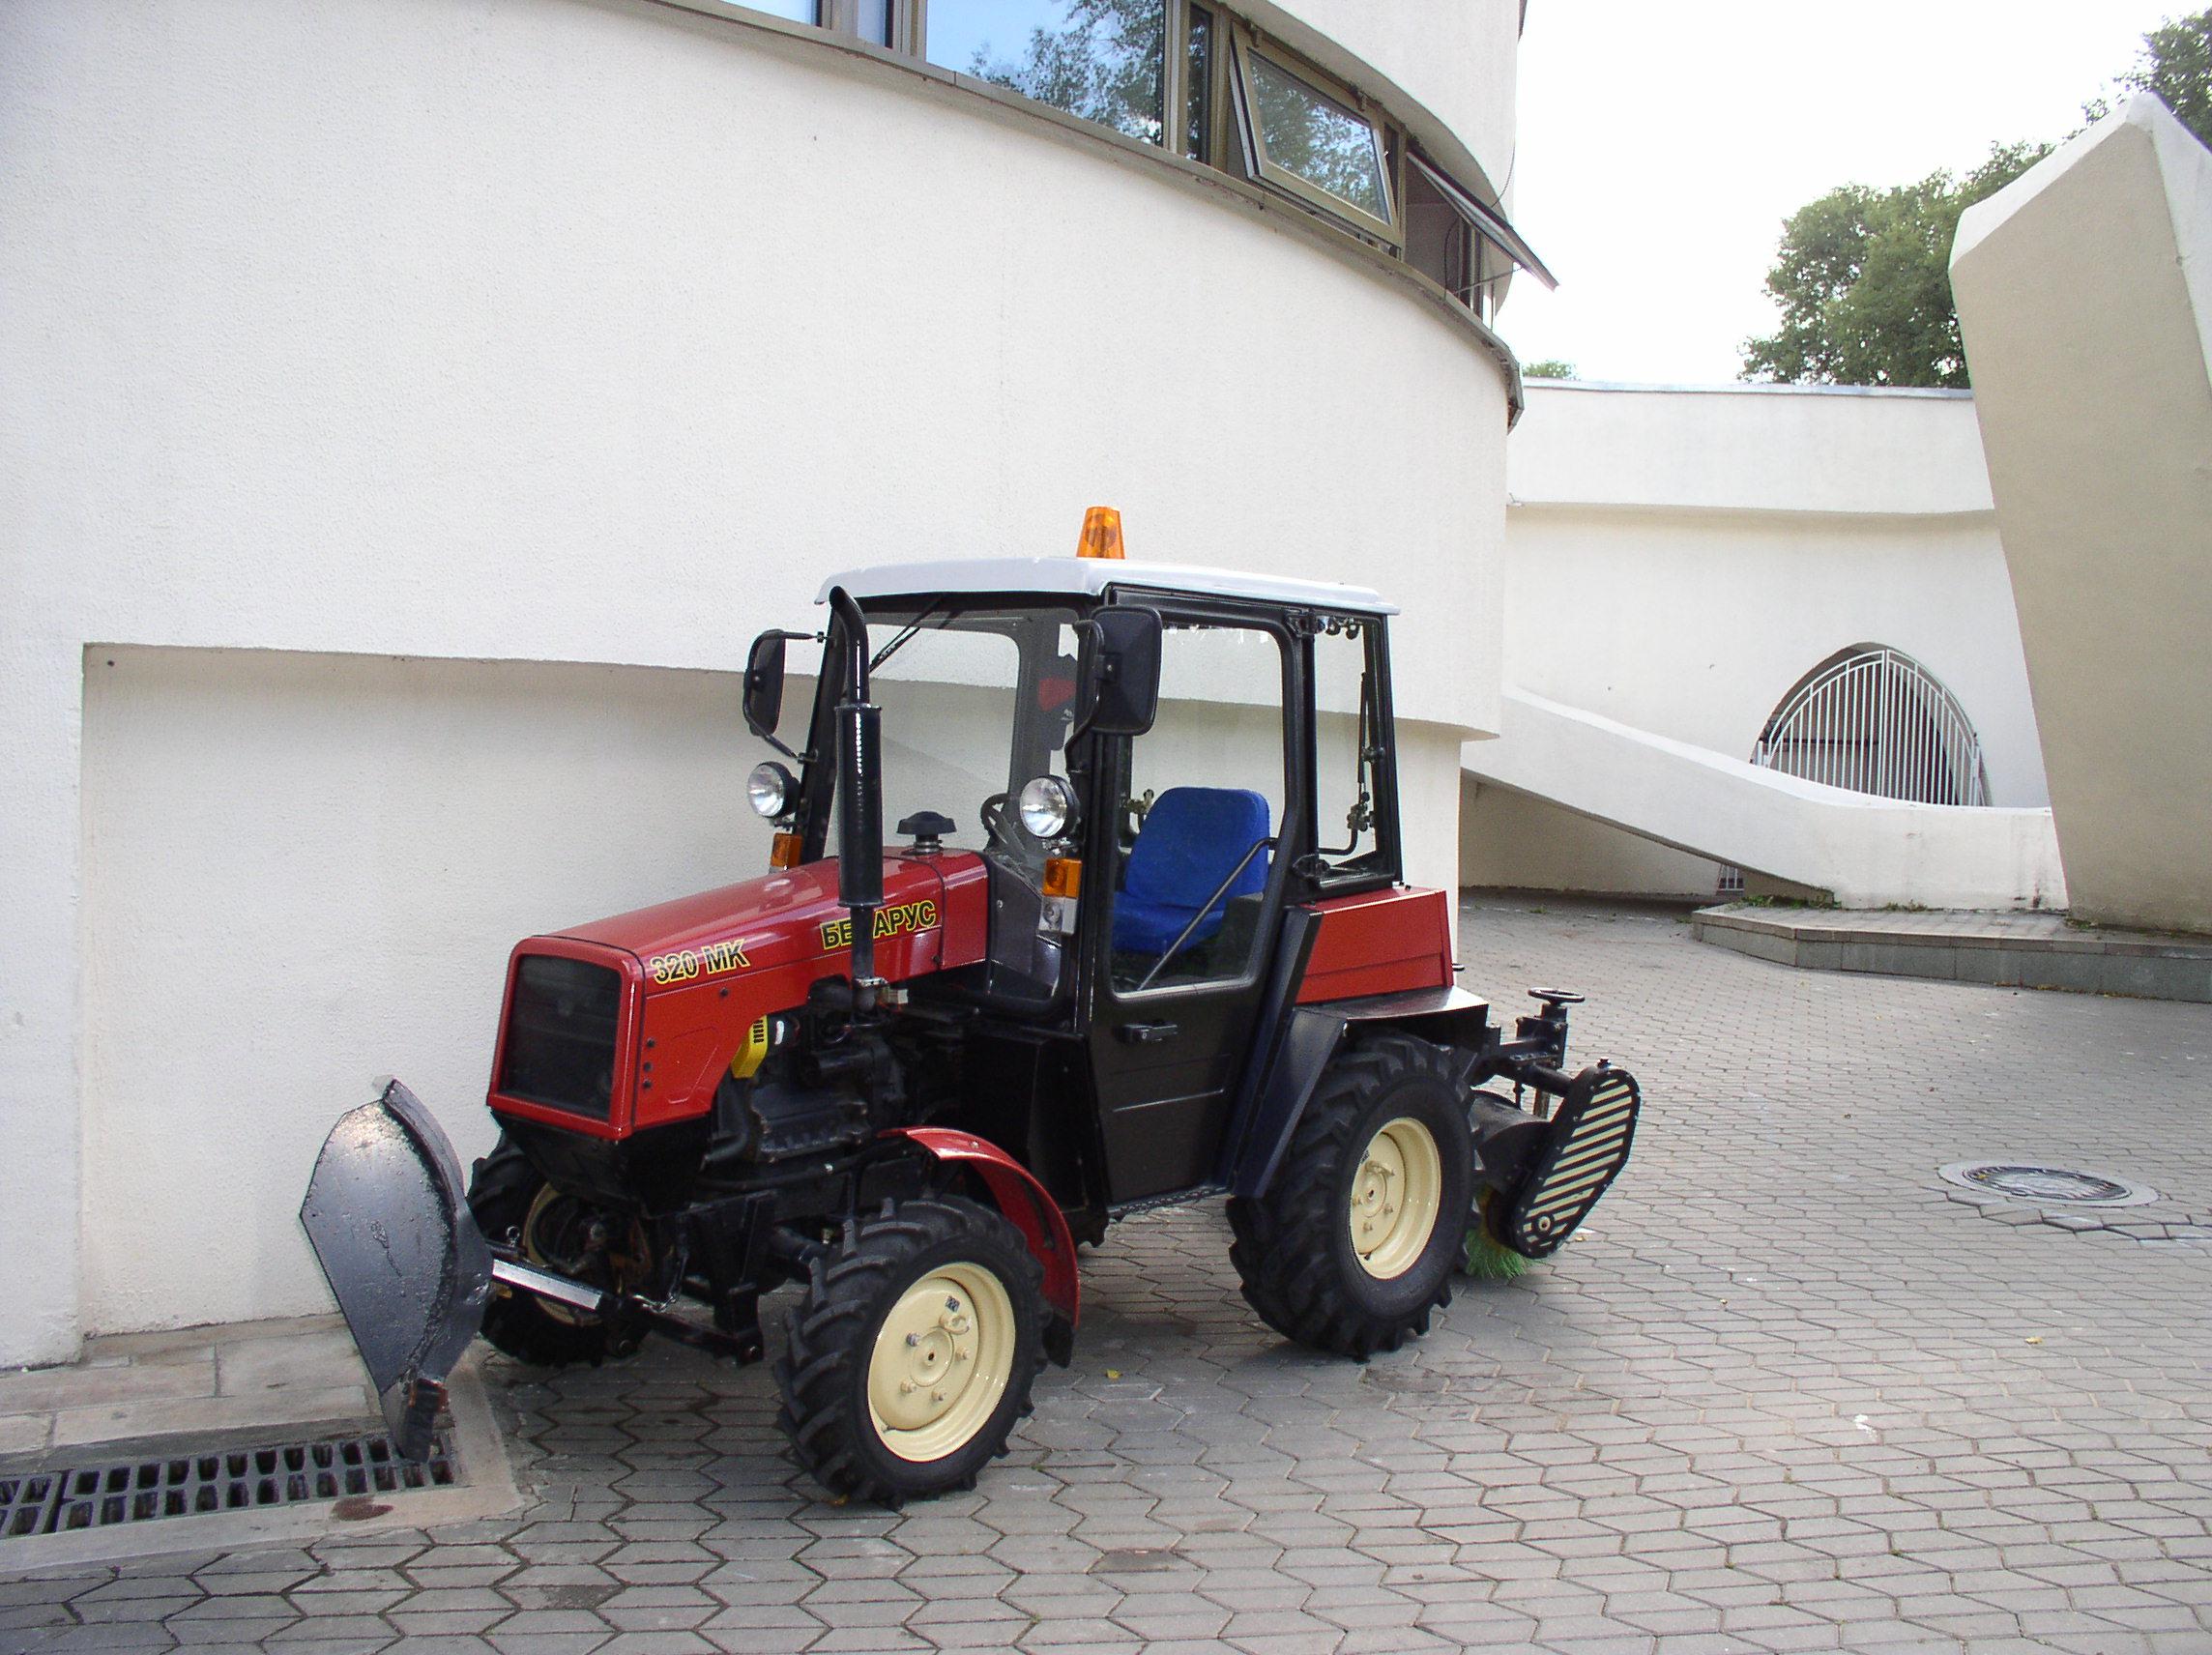 Тракторы Беларус МТЗ   Купить новый трактор, спецтехнику.